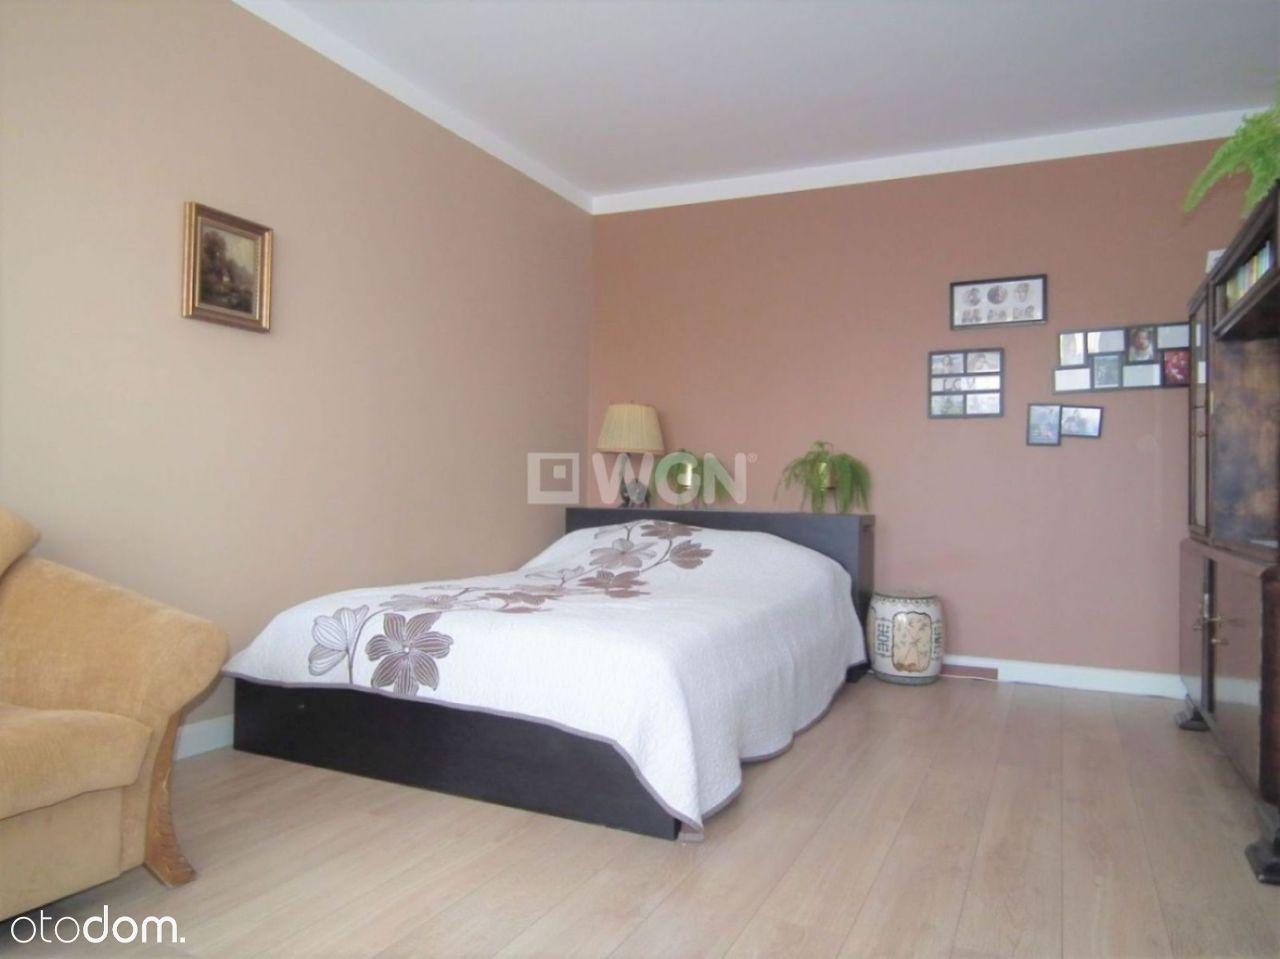 Mieszkanie, 57,20 m², Legnica